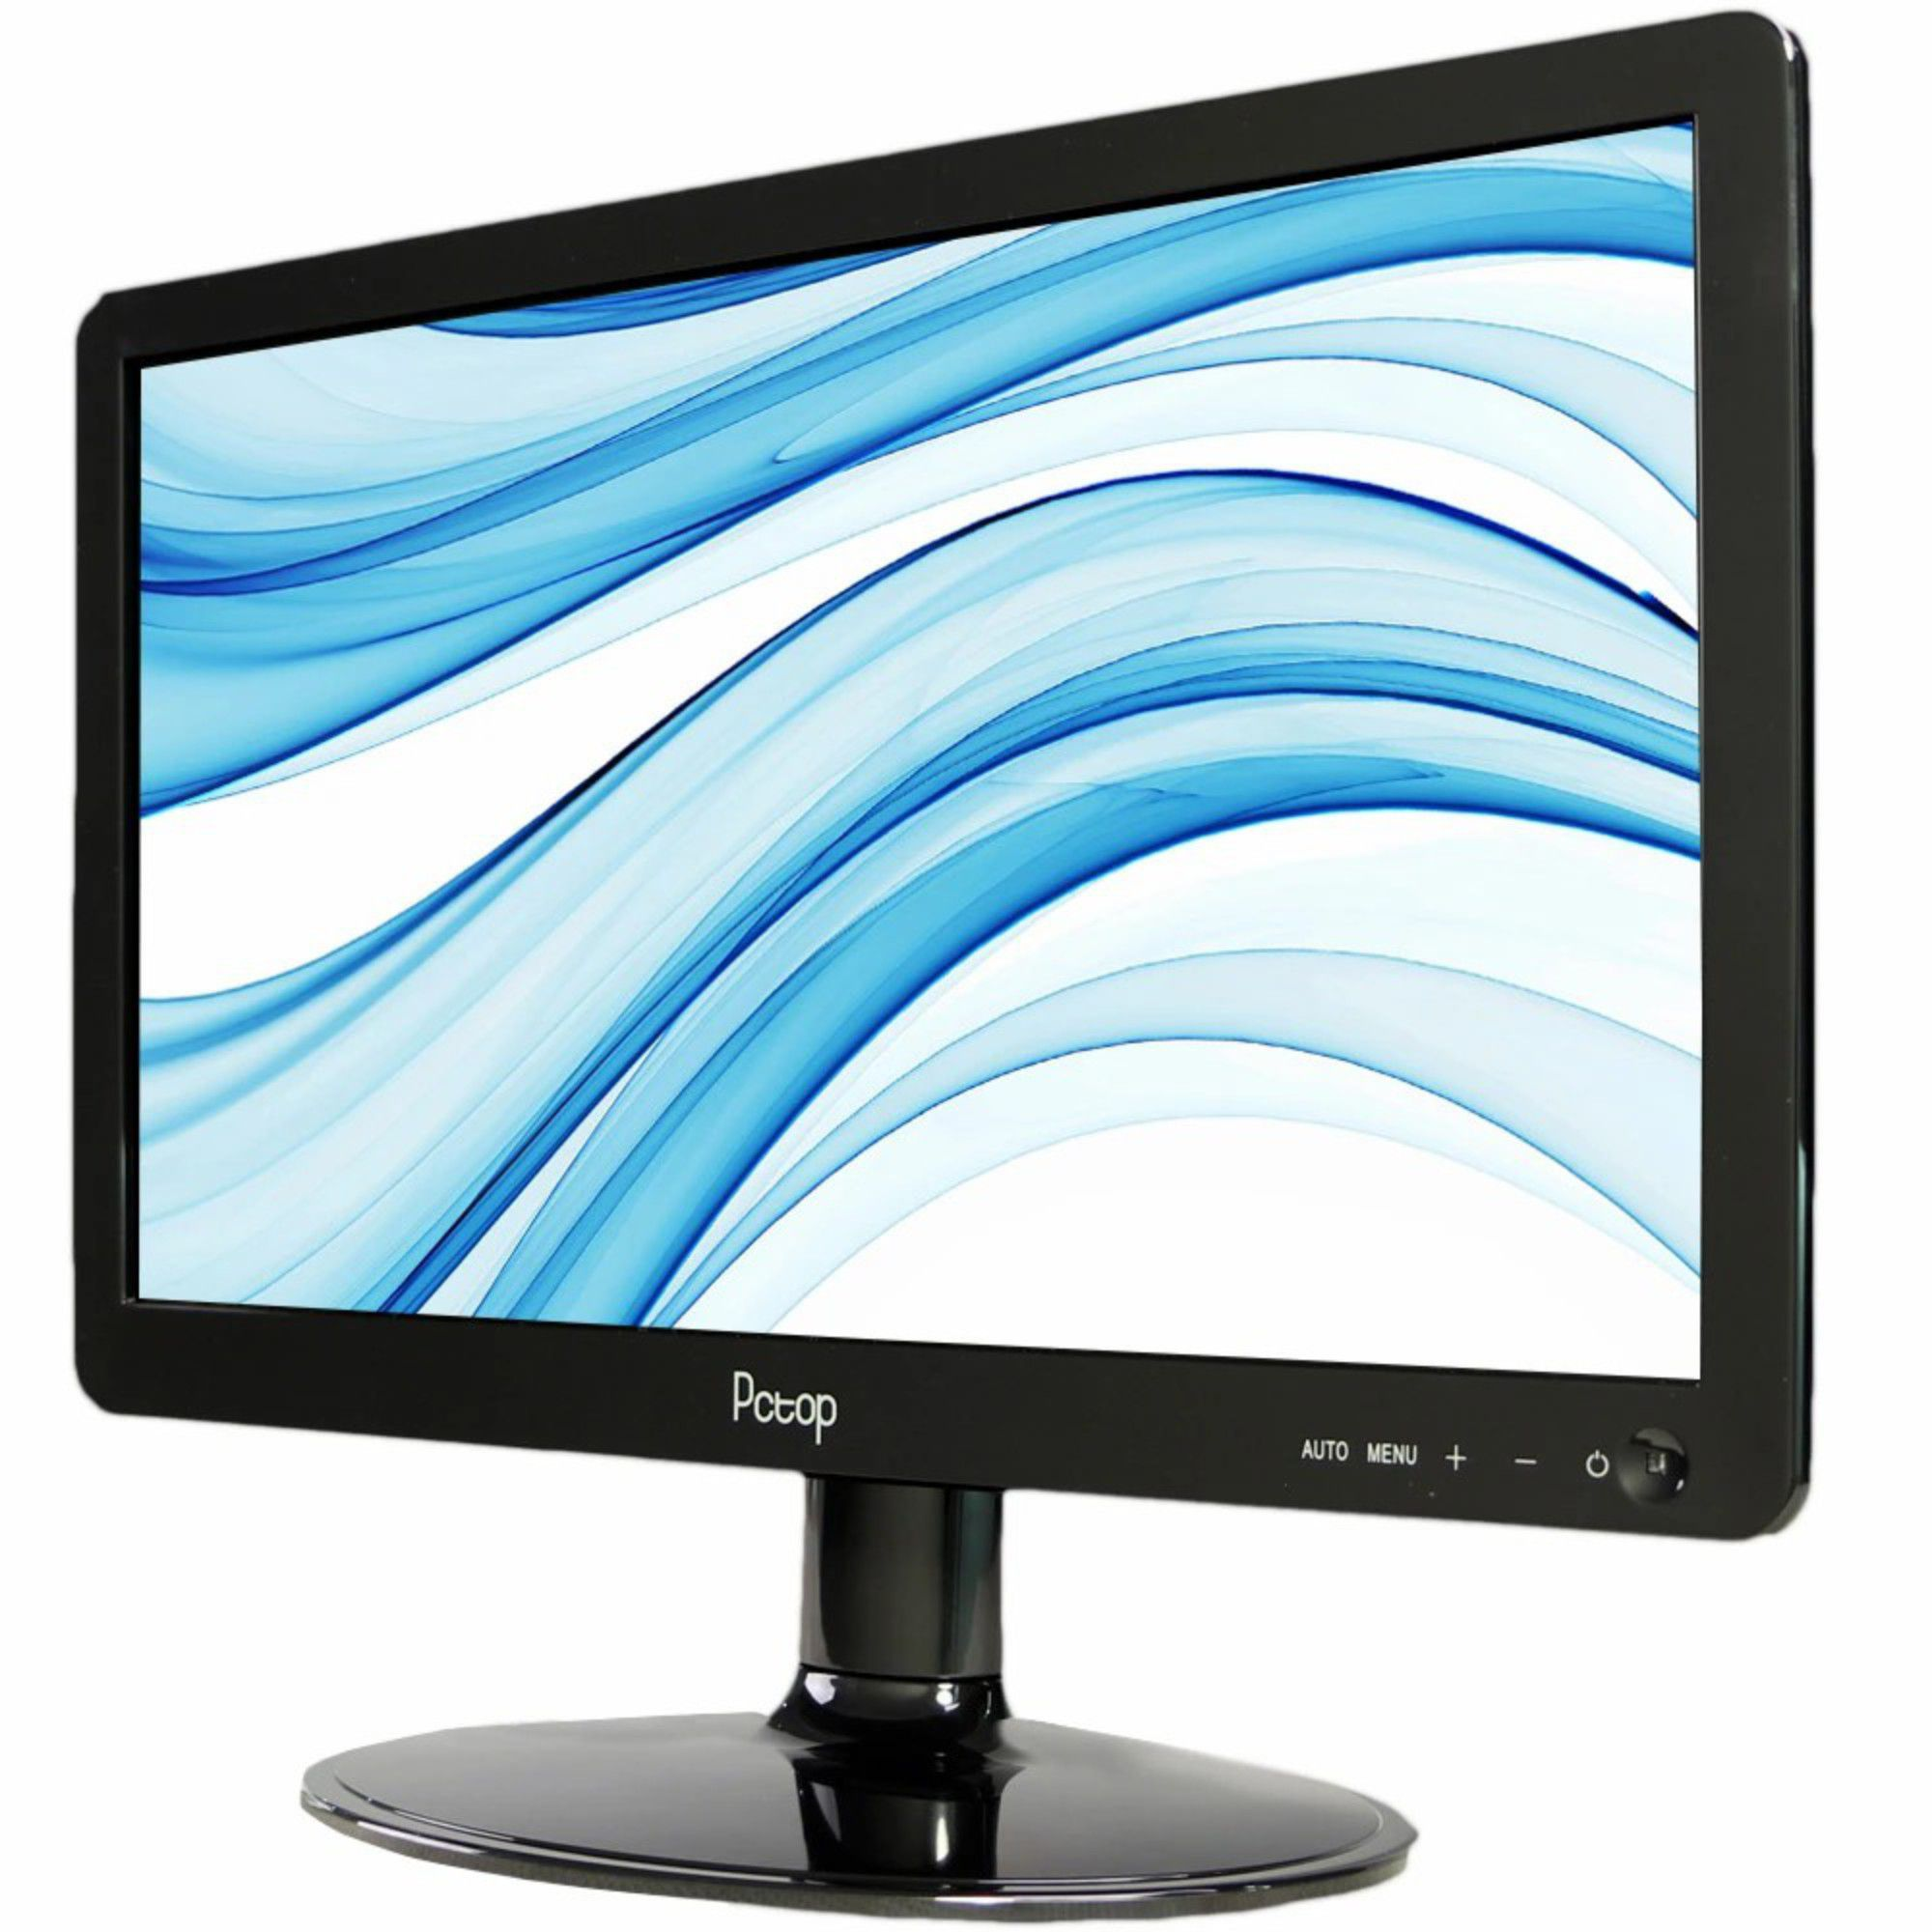 Monitor Led 15.4 Pol. C/ Hdmi E Vga